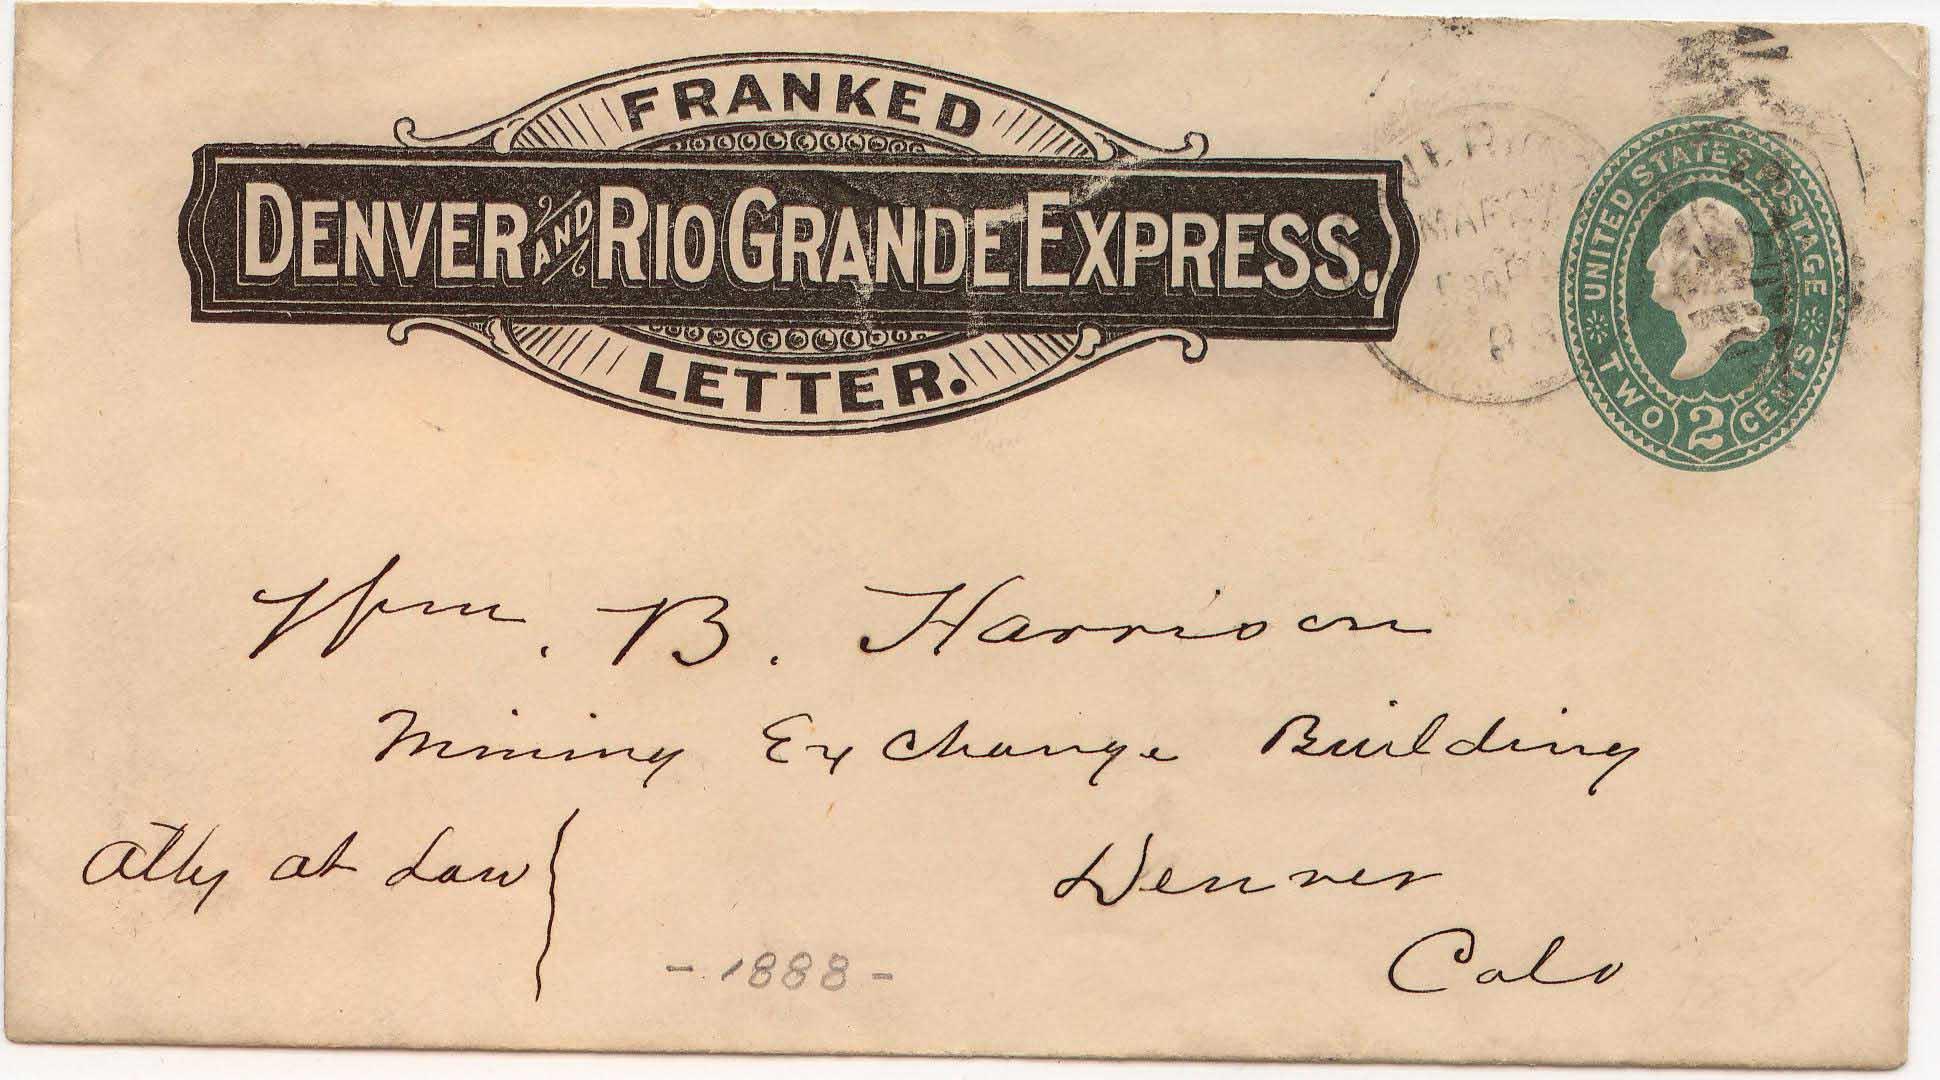 Denver&RioGrande Frank 1888 0903 Mader